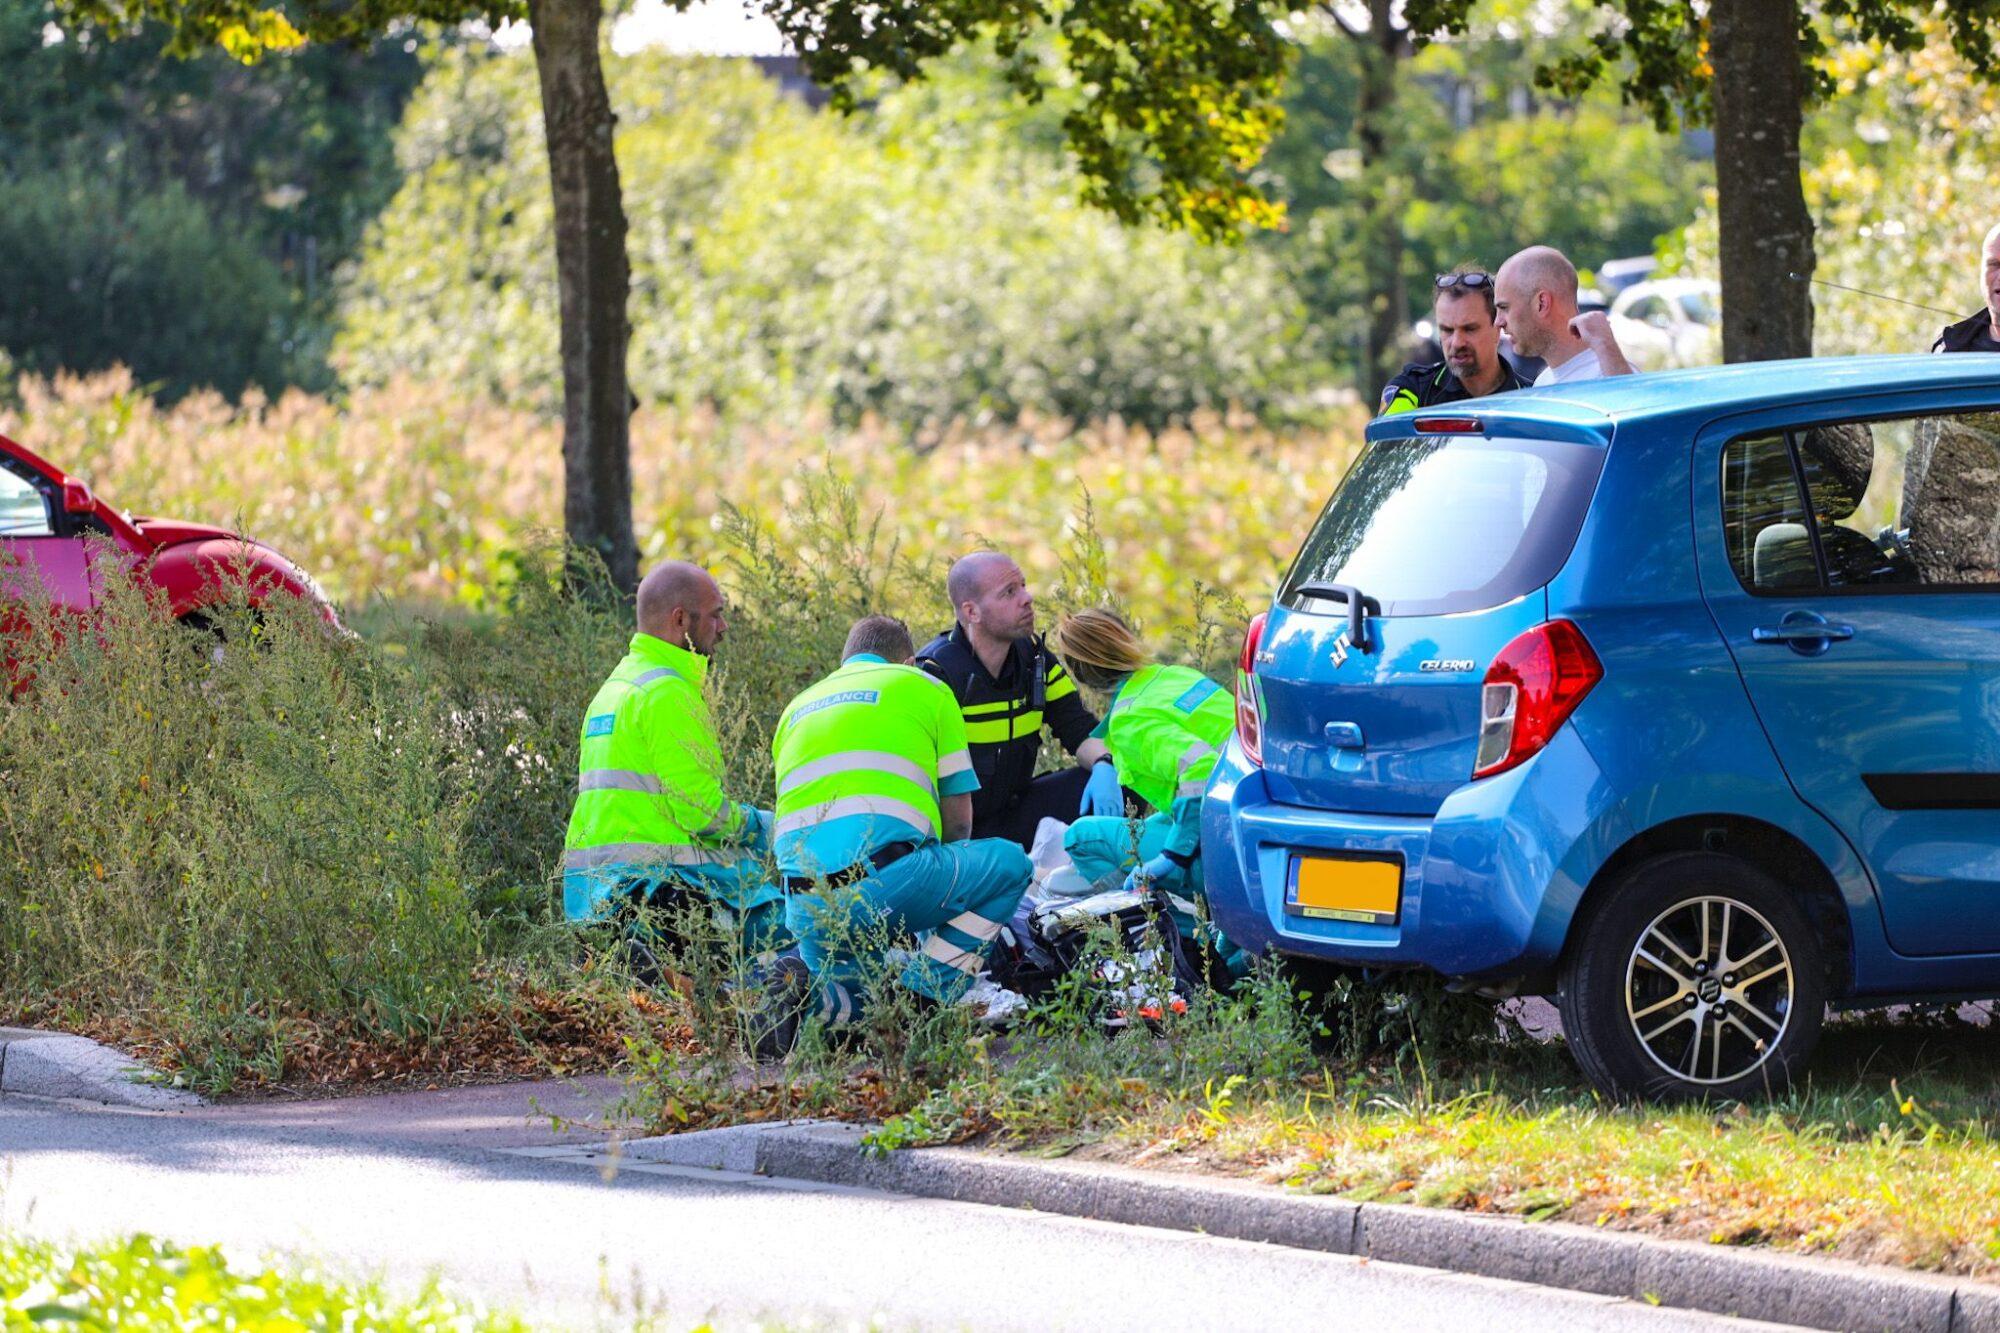 VIDEO | Fietser onwel geworden op fietspad in Apeldoorn